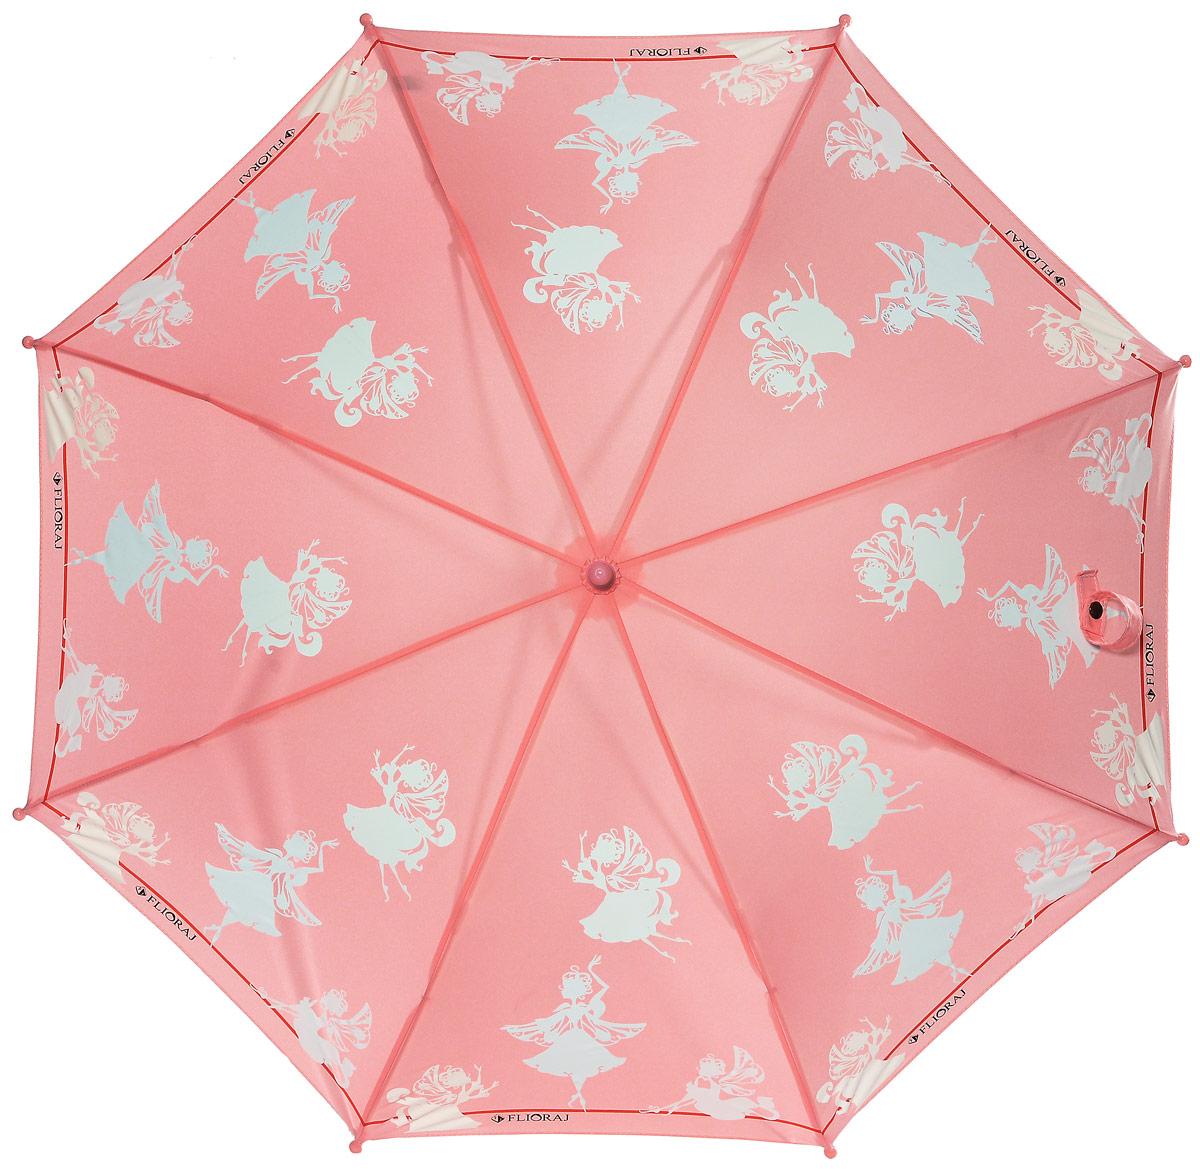 Зонт детский Flioraj 051201051201 FJОчаровательный зонт для детей в нескольких цветах. Маленькие феи будто случайно спустились на зонт и теперь кружатся в радужном танце. Детский зонтик Flioraj с поверхностью реагирующей на воду, при намокании рисунок становится цветным, он обязательно понравится Вам и Вашему ребенку! Предназначен для детей младшего и среднего школьного возраста. Для удобства предусмотрена безопасная технология открывания и закрывания зонта. Спицы зонта изготовлены из долговечного, но при этом легкого фибергласса, что делает его ветроустойчивым и прочным.